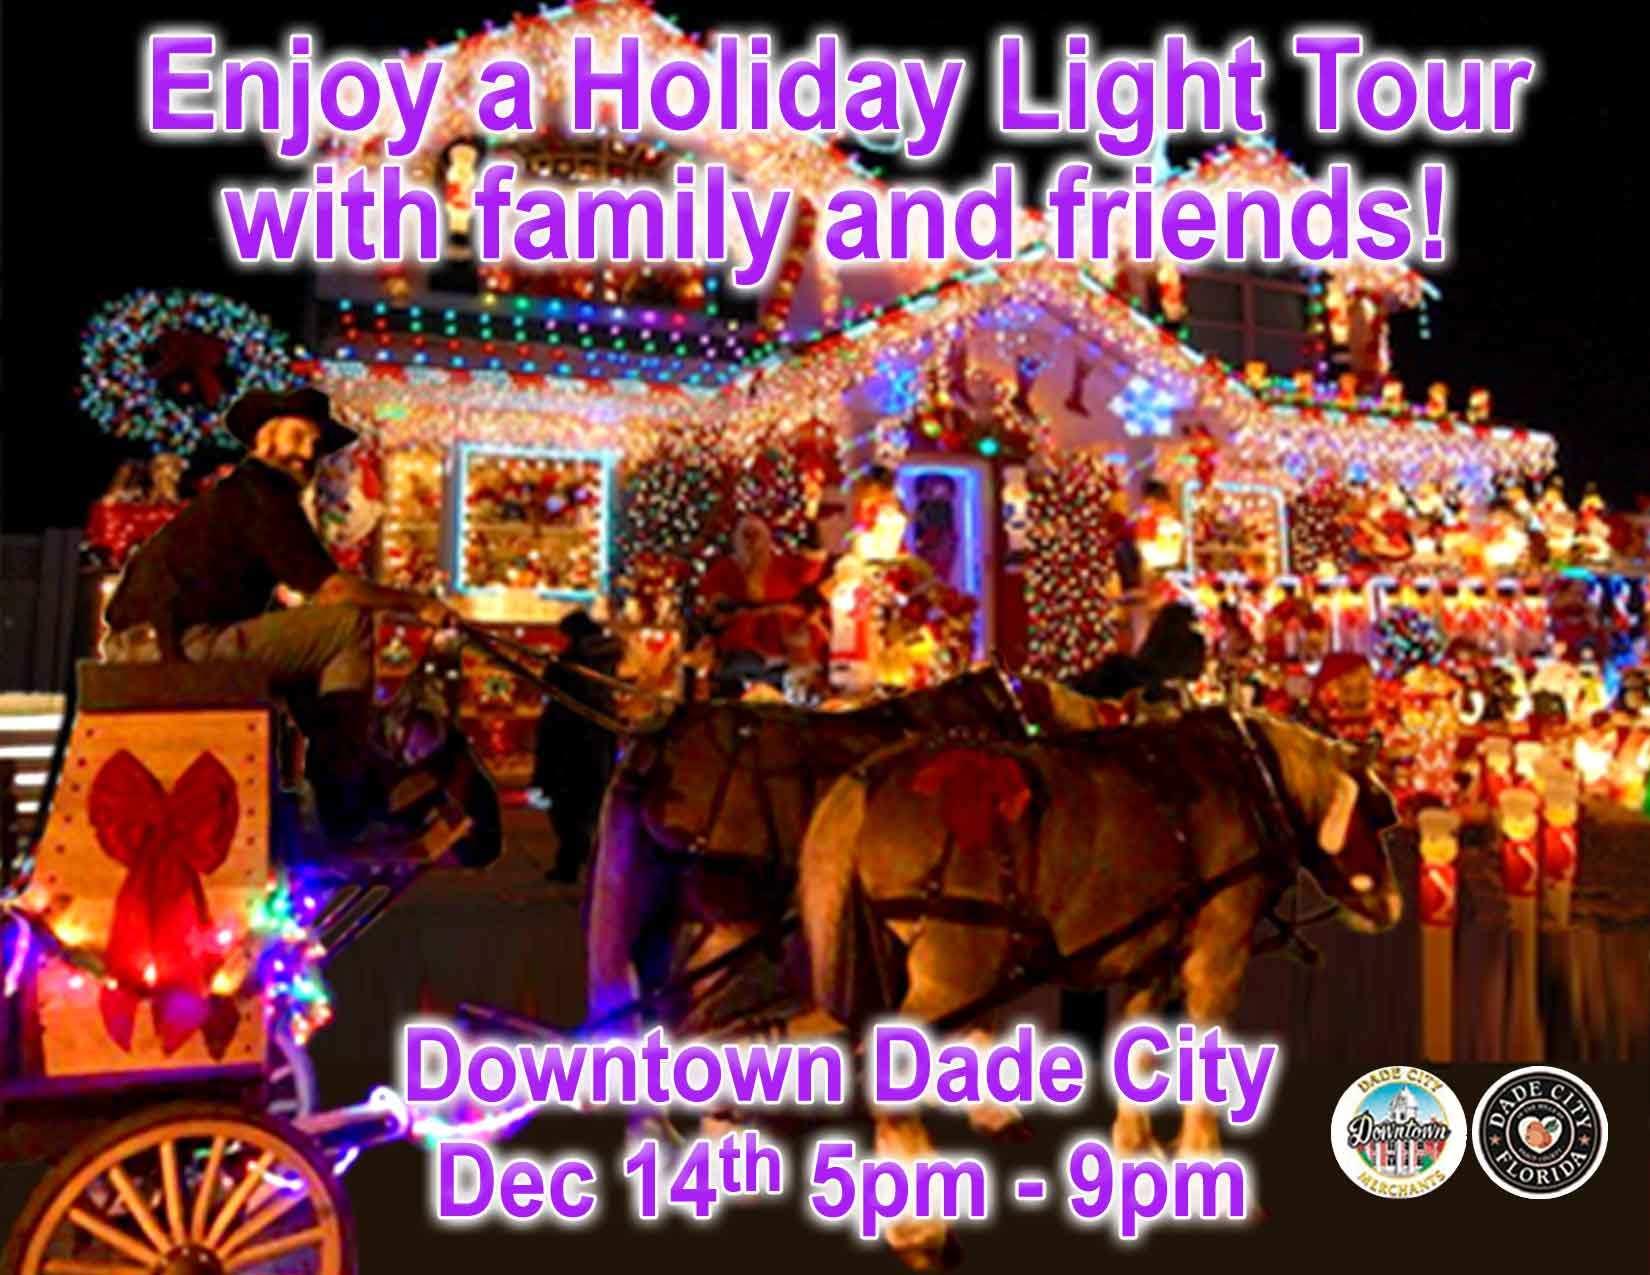 Dade City Christmas Parade 2019 Downtown Dade City 2018 Christmas Events : NatureCoaster.com